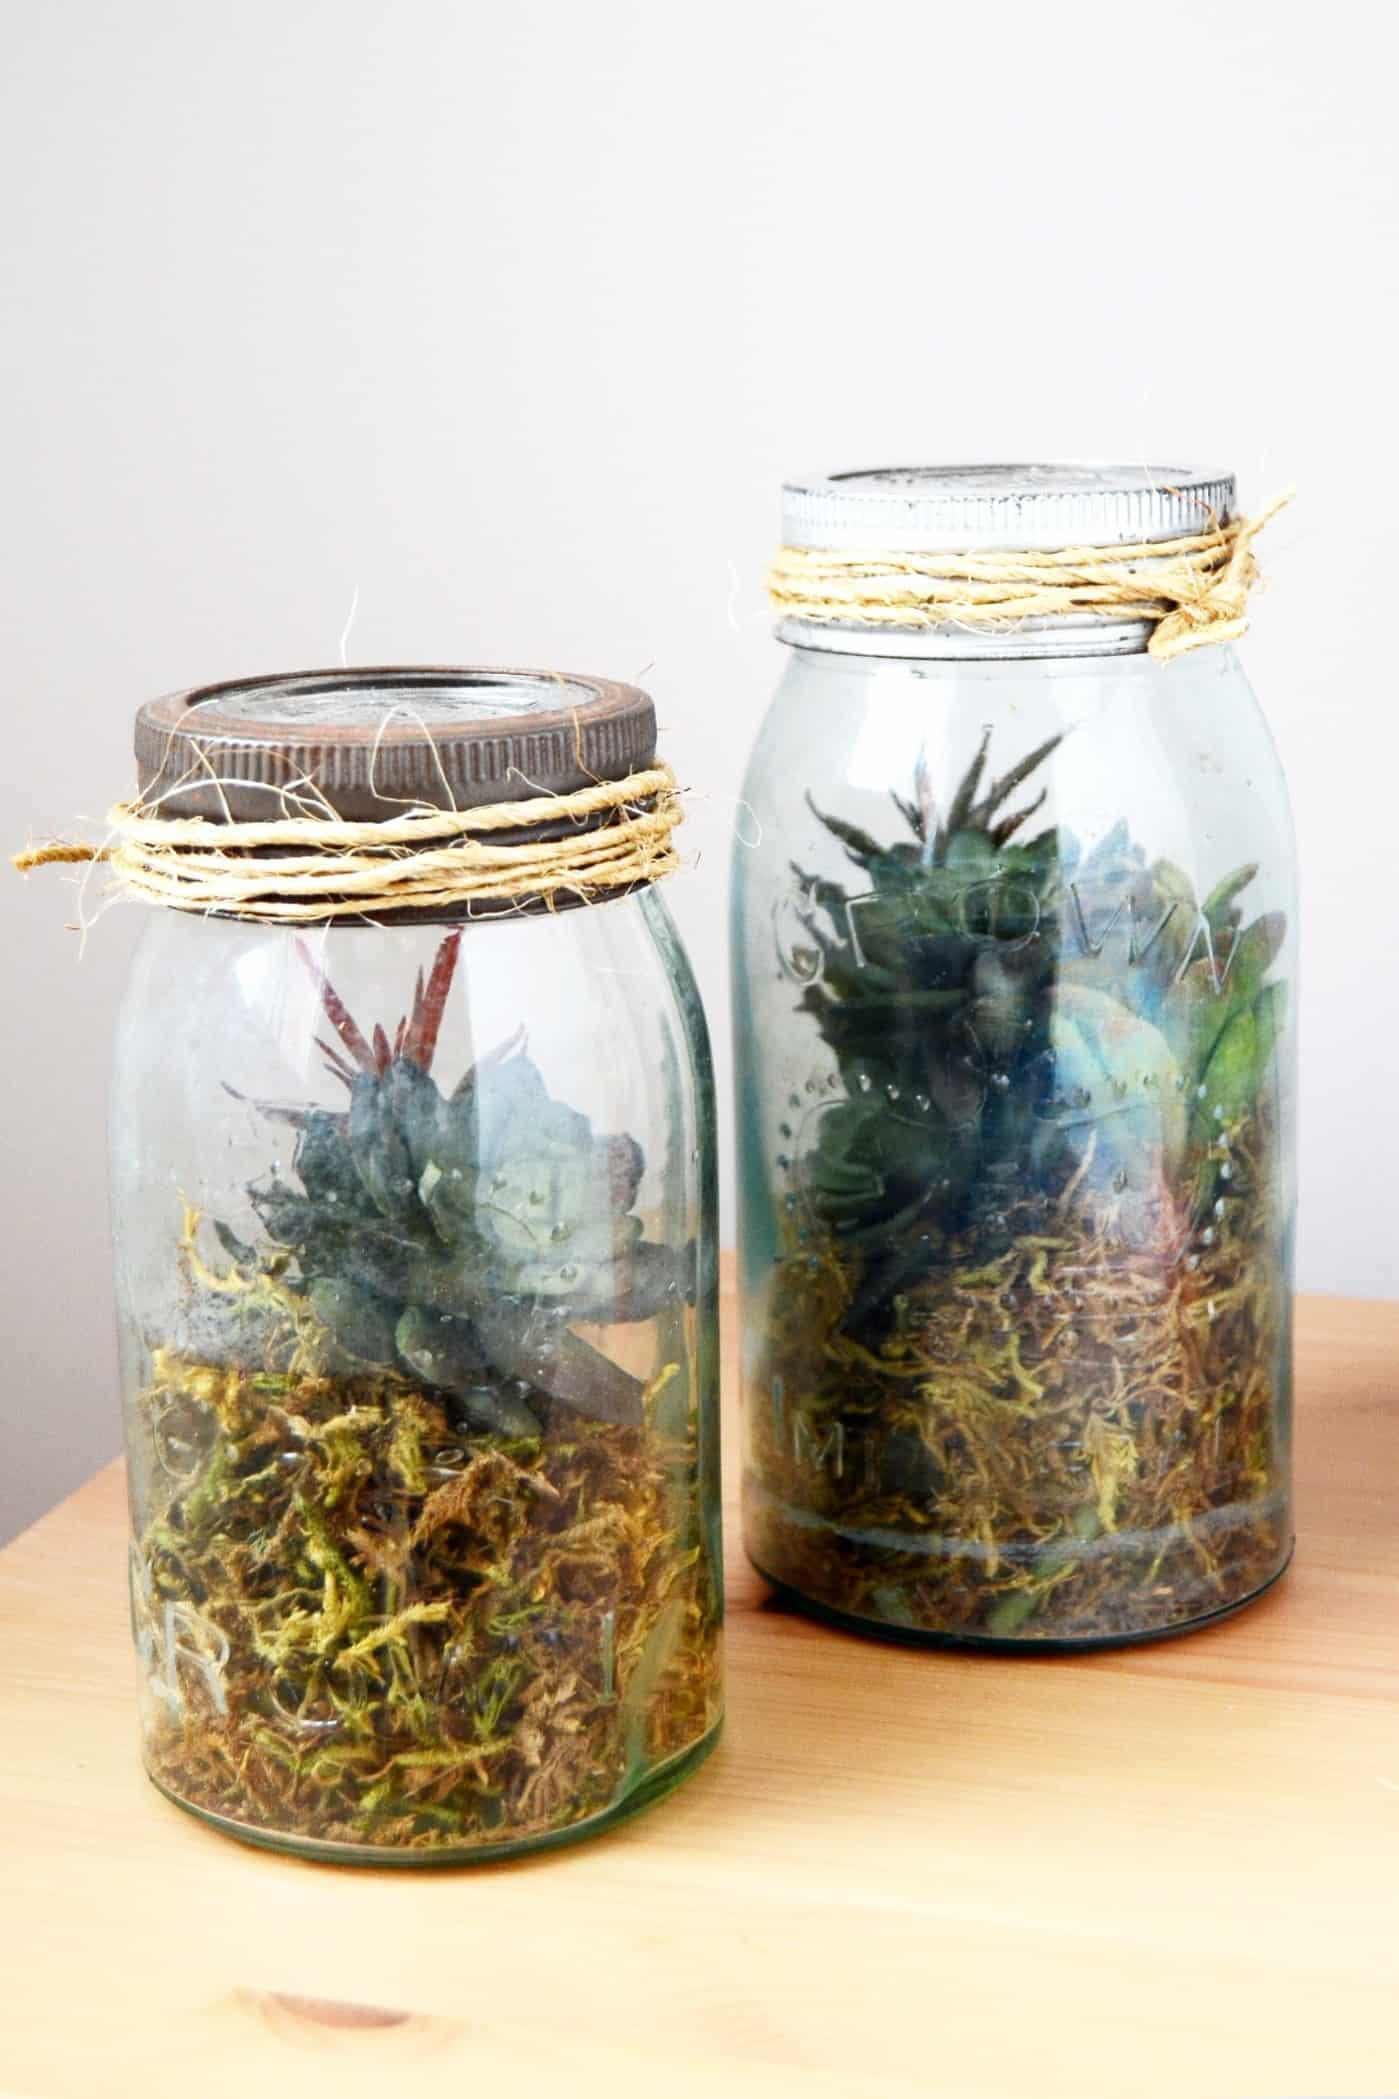 How to make a fake terrarium in a jar